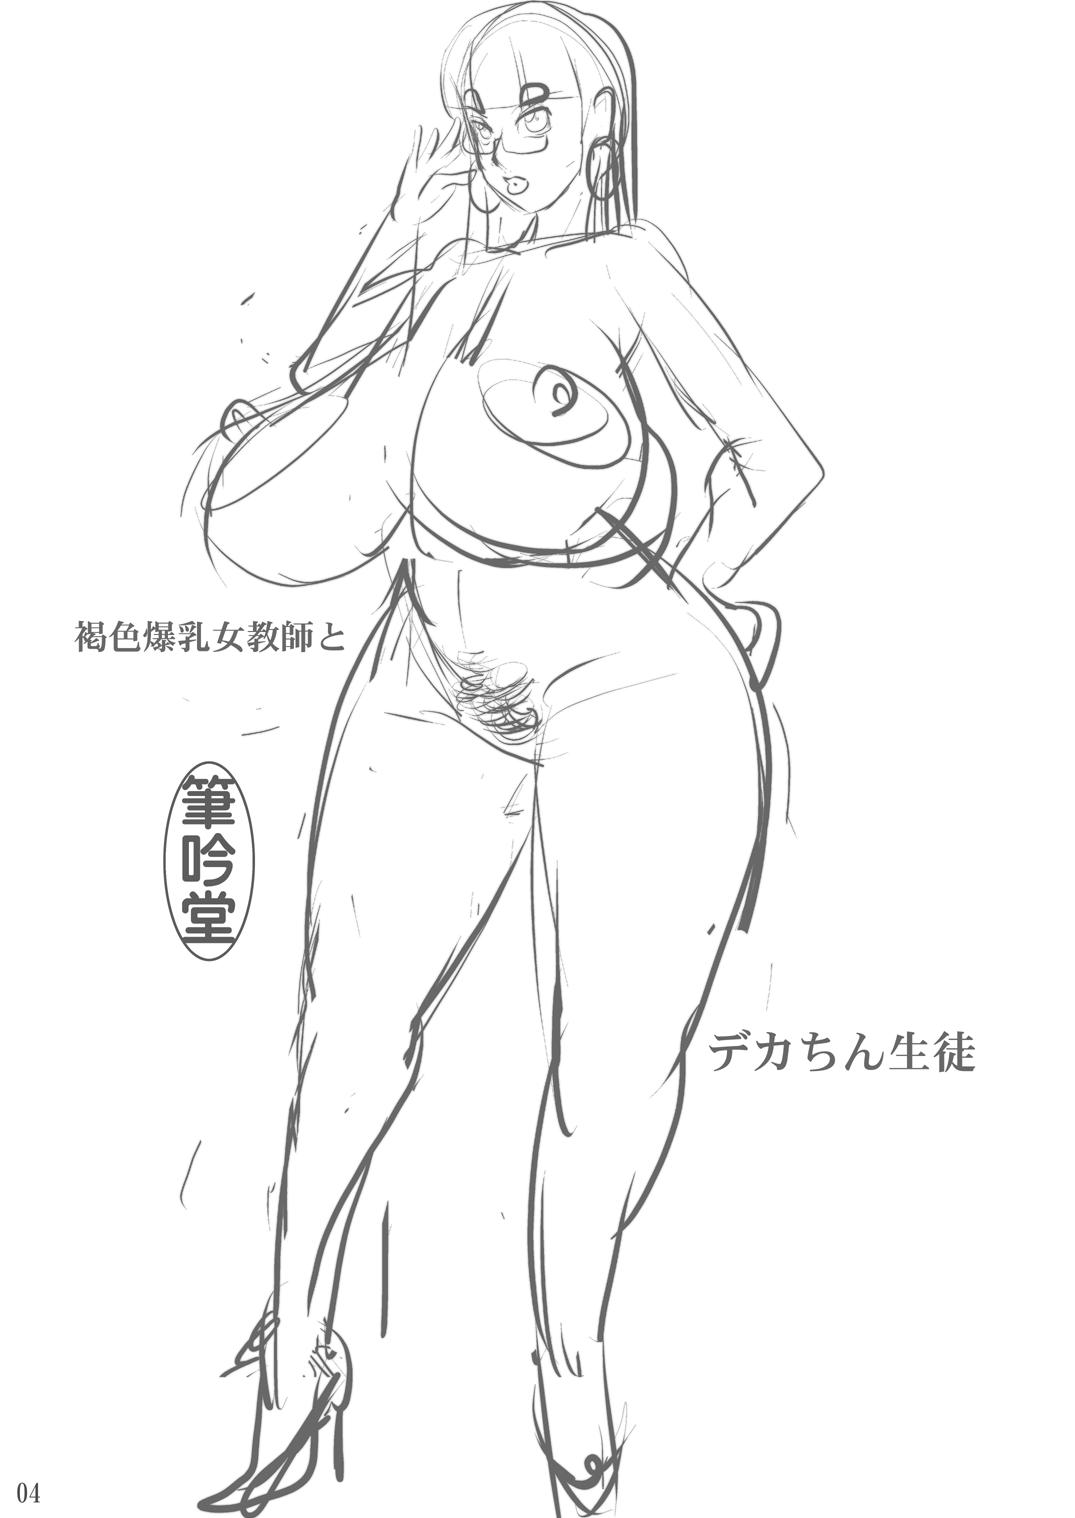 Kasshoku Bakunyuu Onna Kyoushi to Dekachin Seito 3